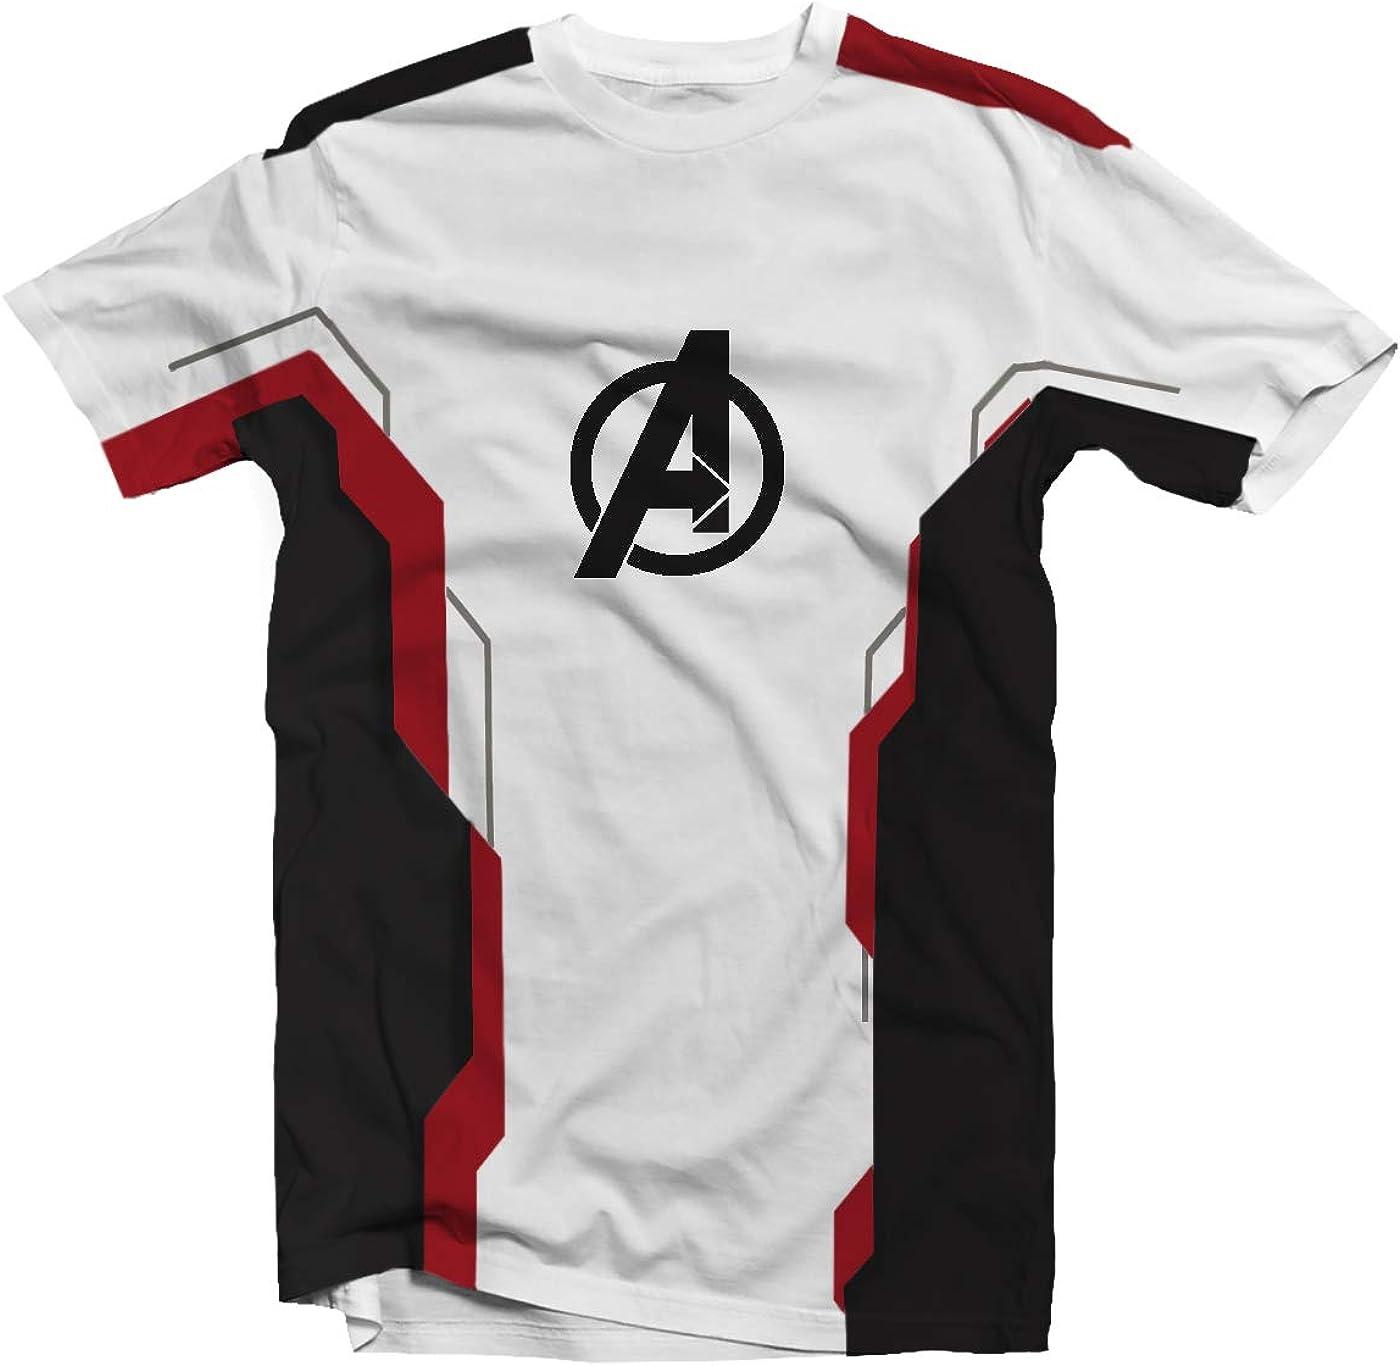 Avengers T Shirts For Men